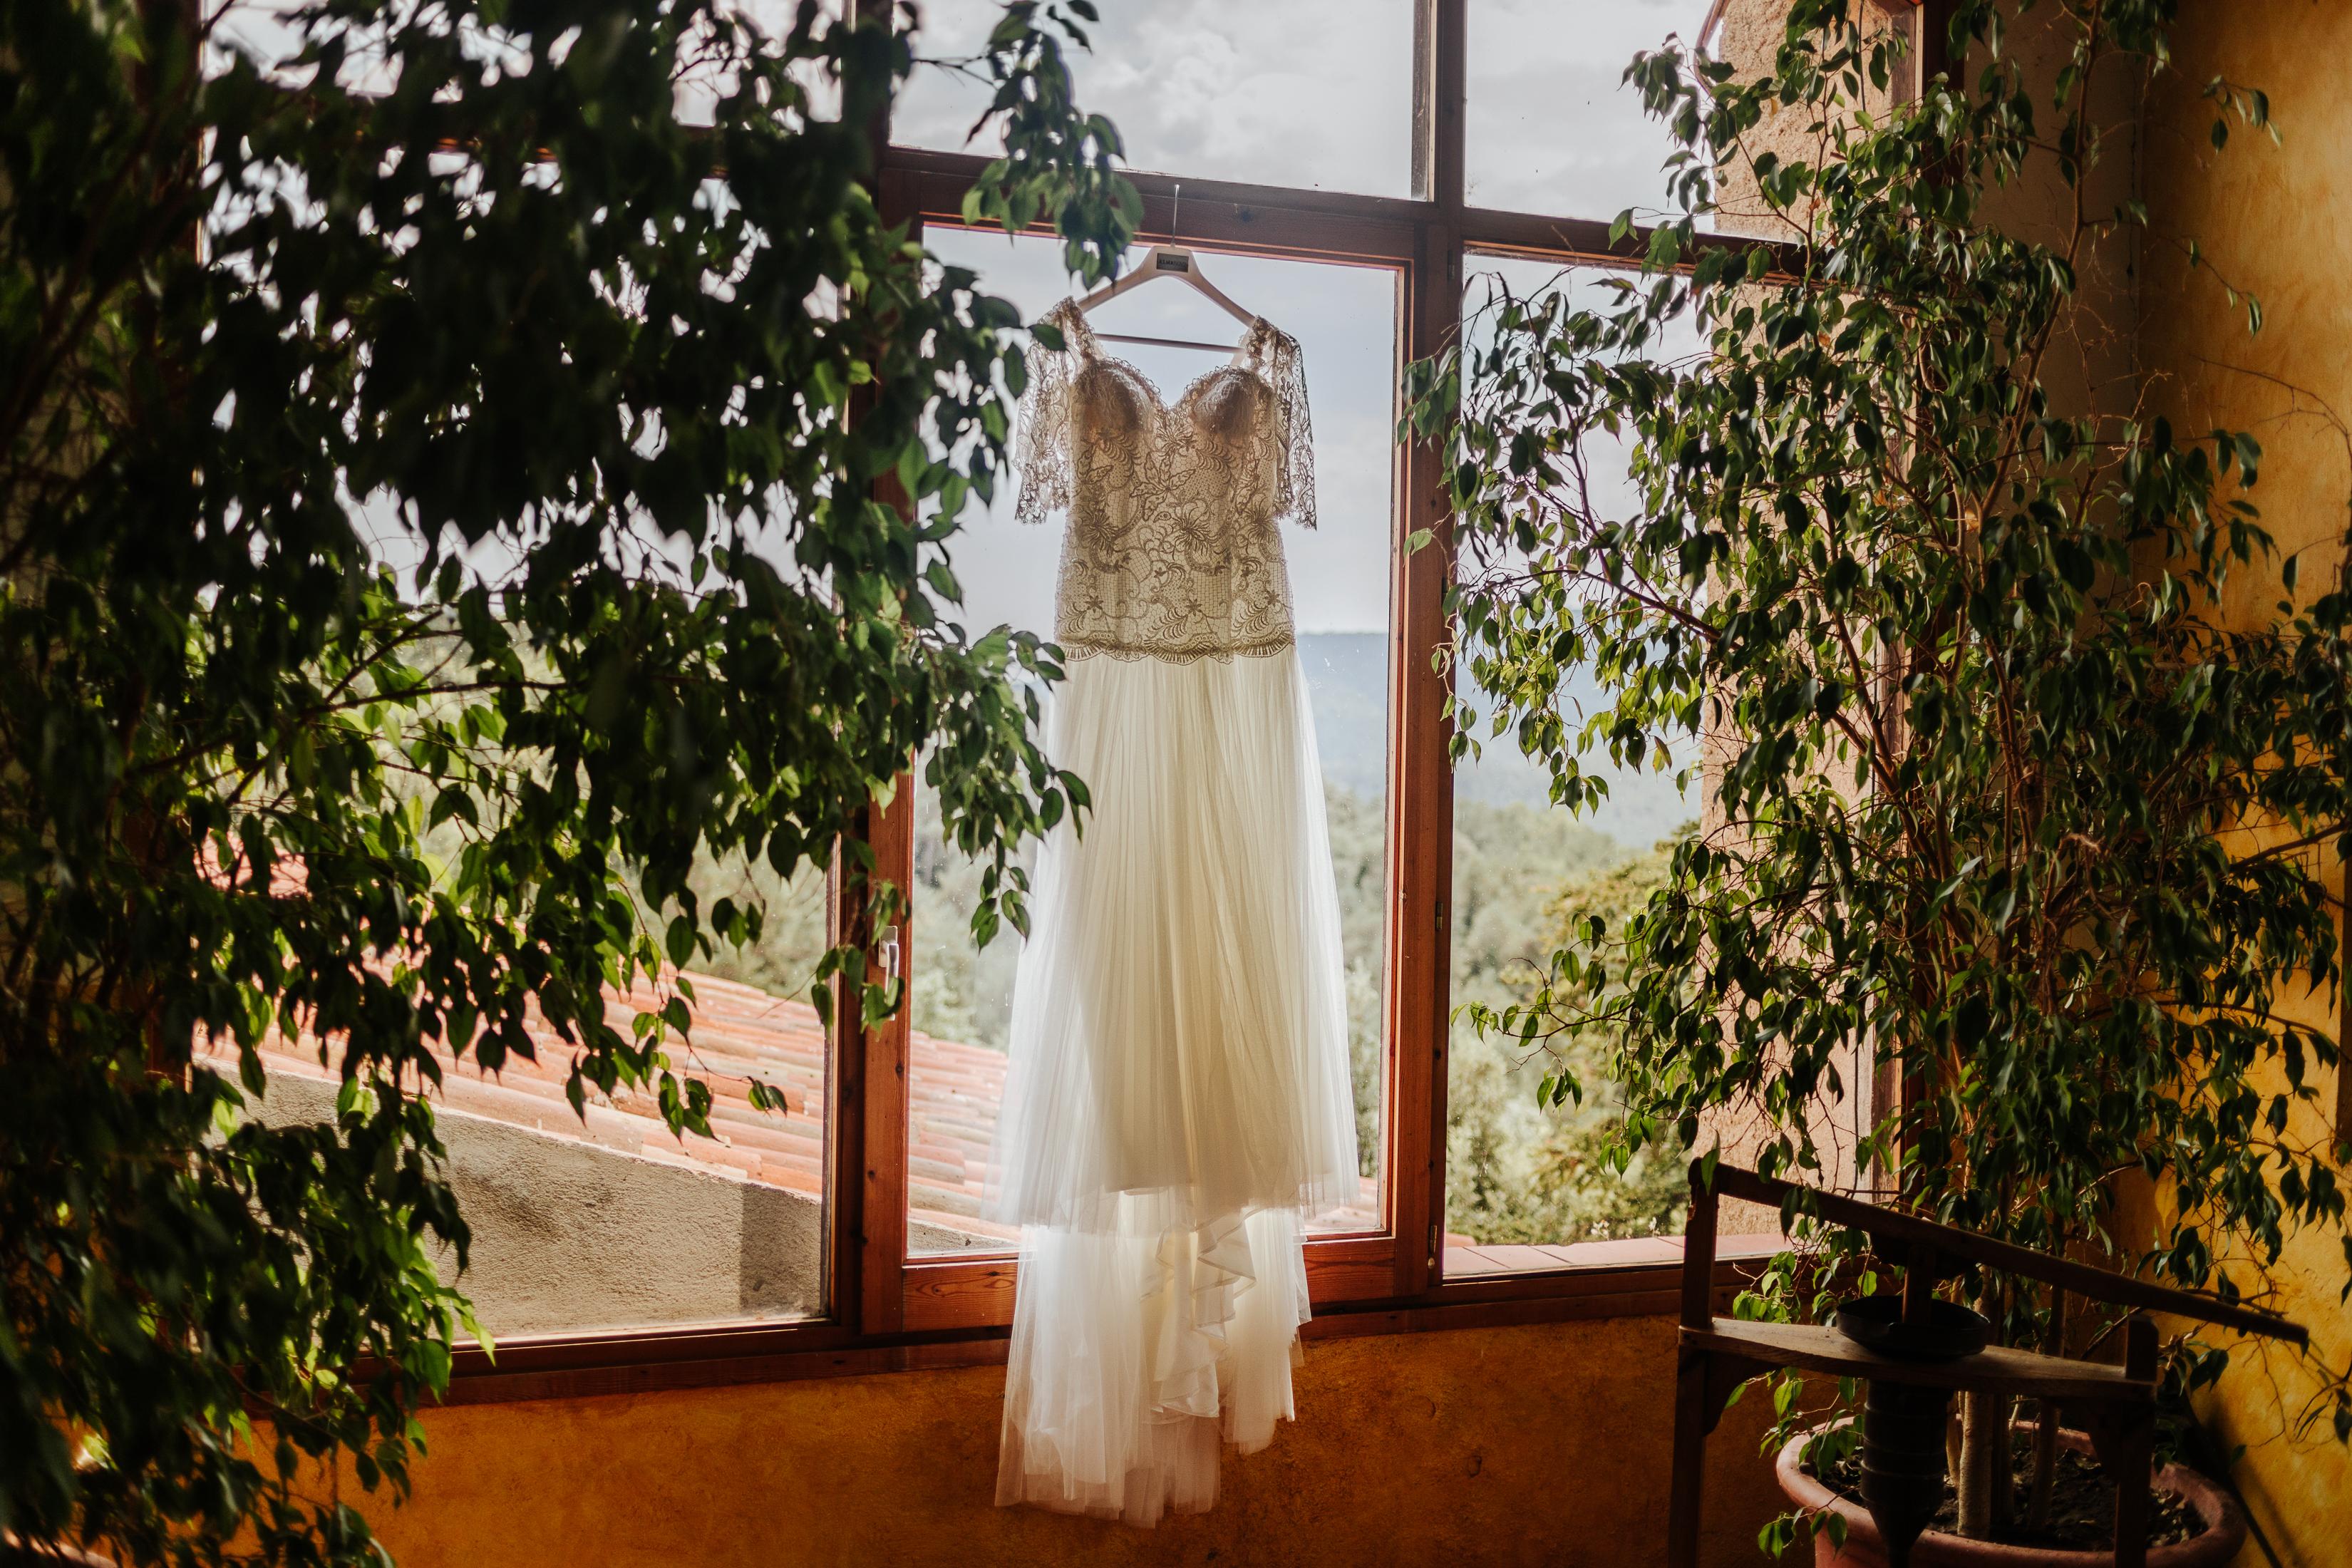 Fotógrafo de bodas Barcelona :: Boda Masia Brugarolas :: Boda en Masía :: Boda en el campo :: Boda sofisticada :: Wedding Photographer